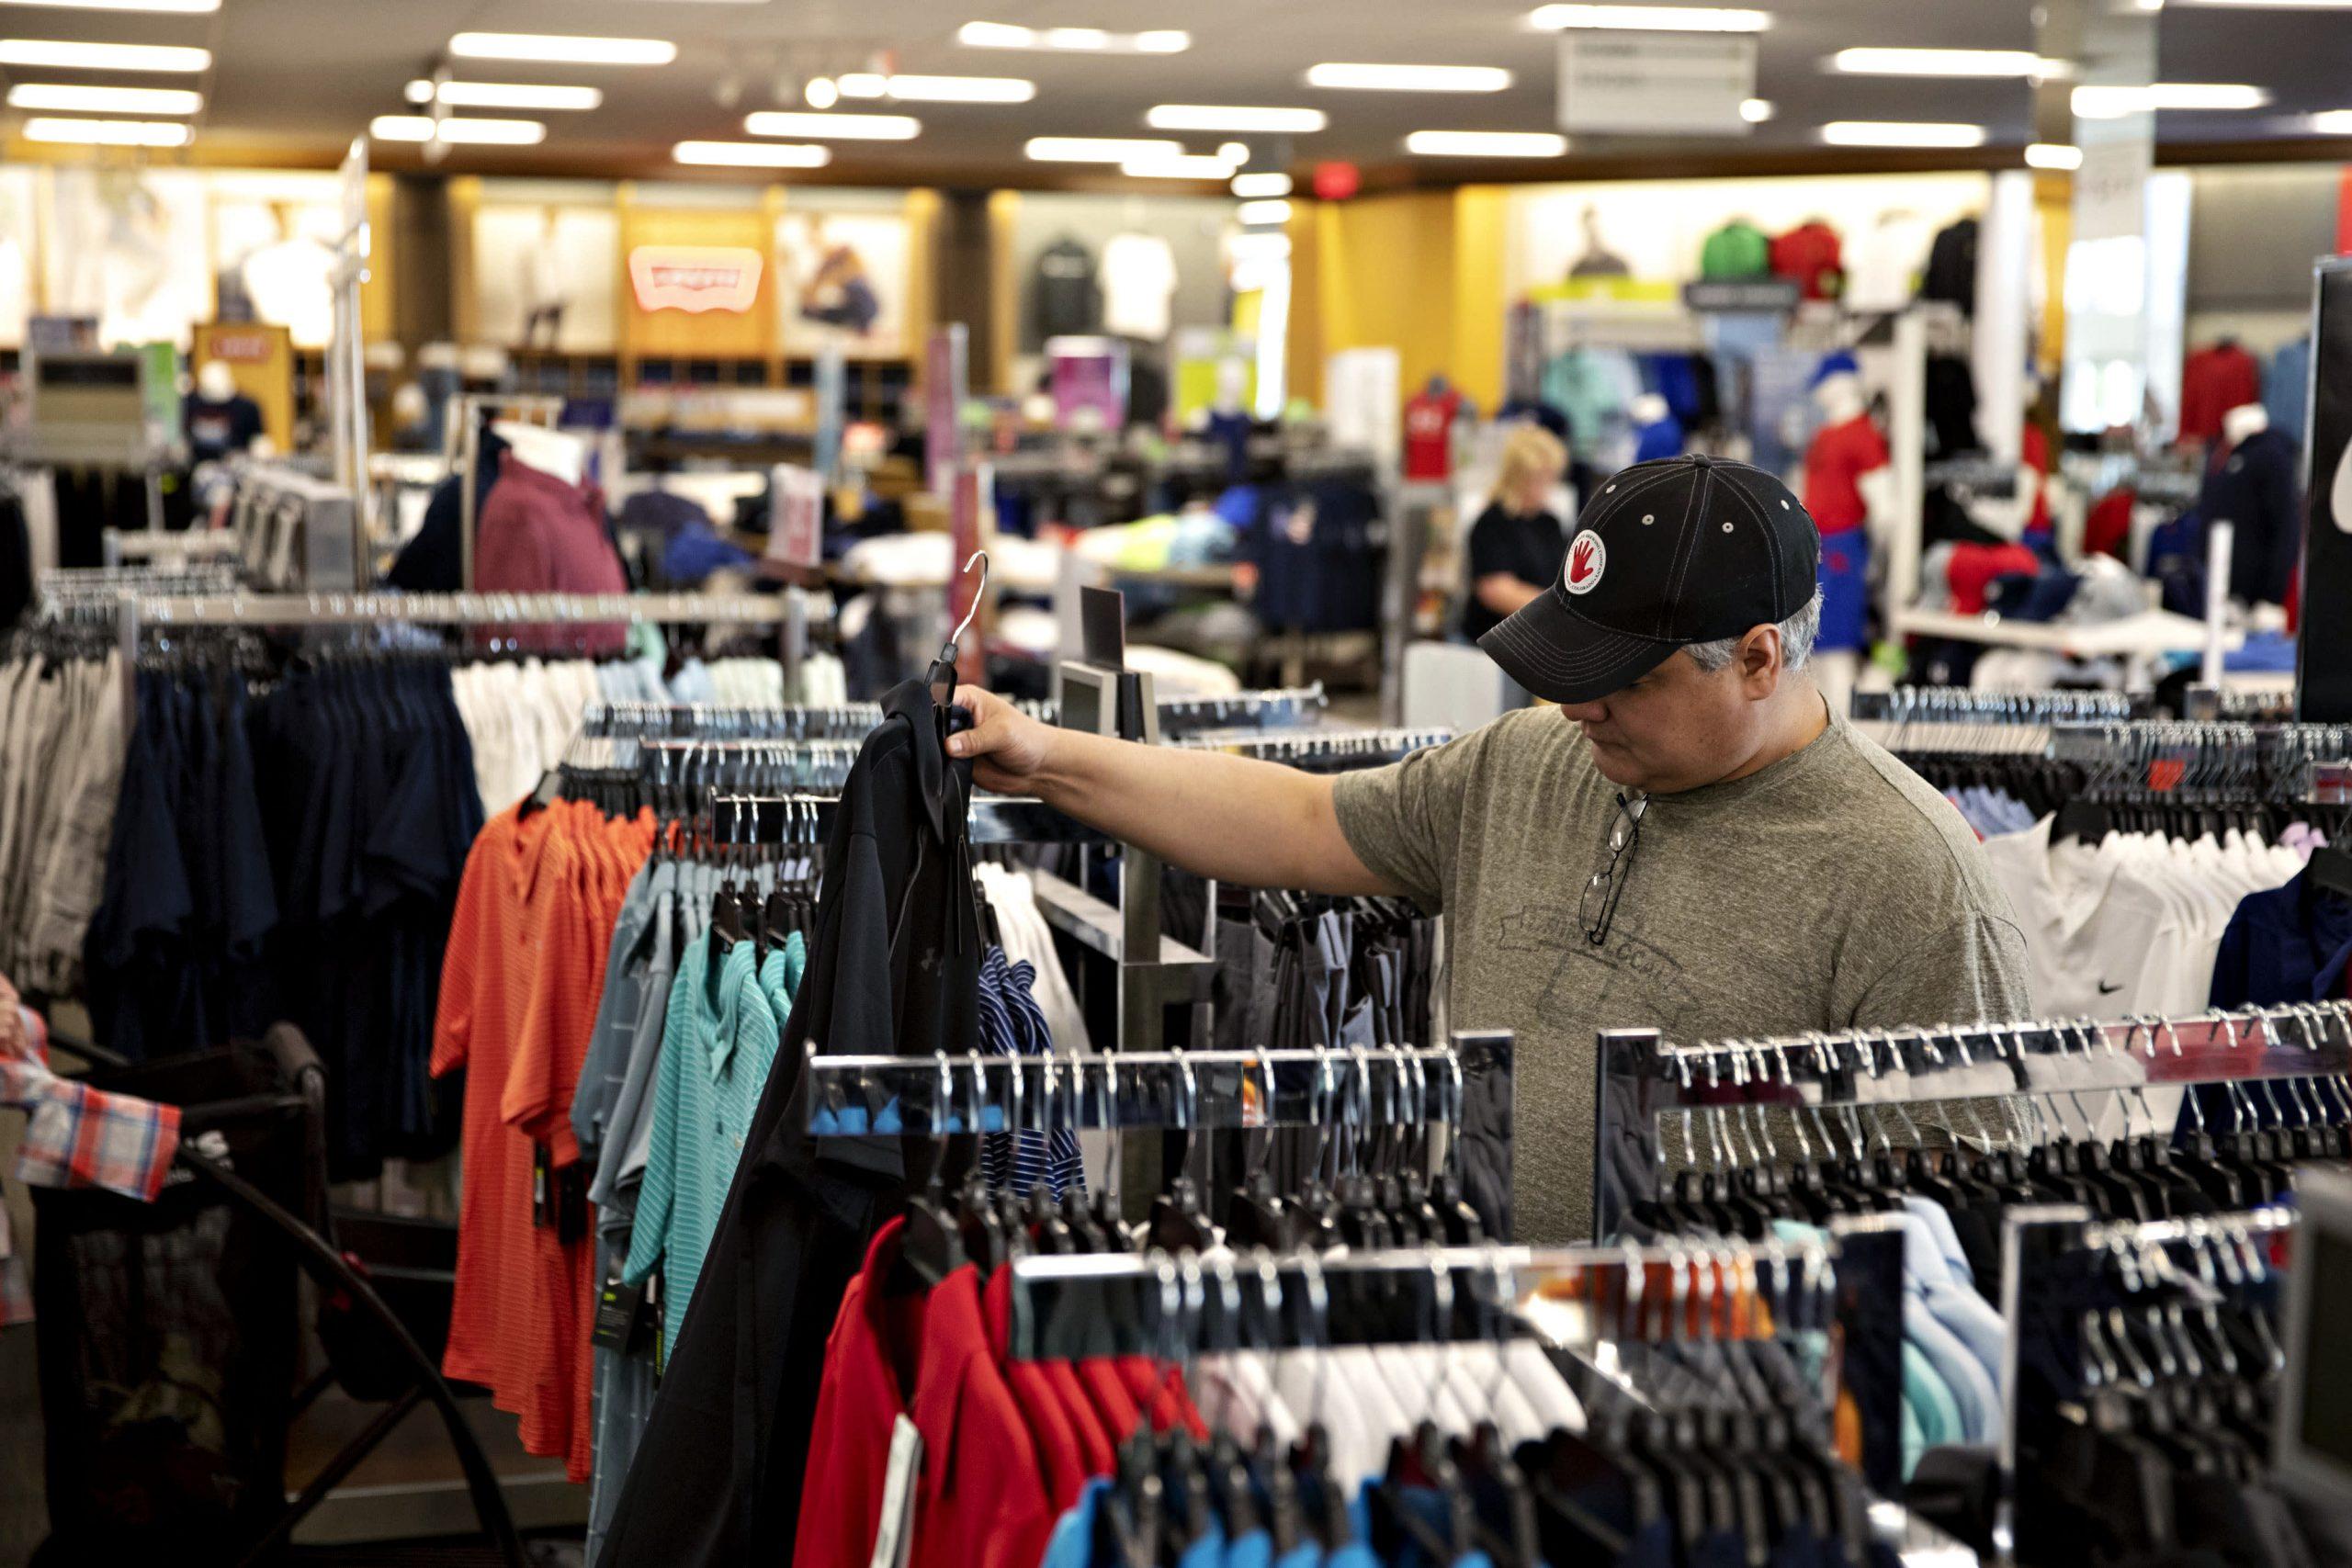 European markets await U.S. inflation data, European Central Bank meet